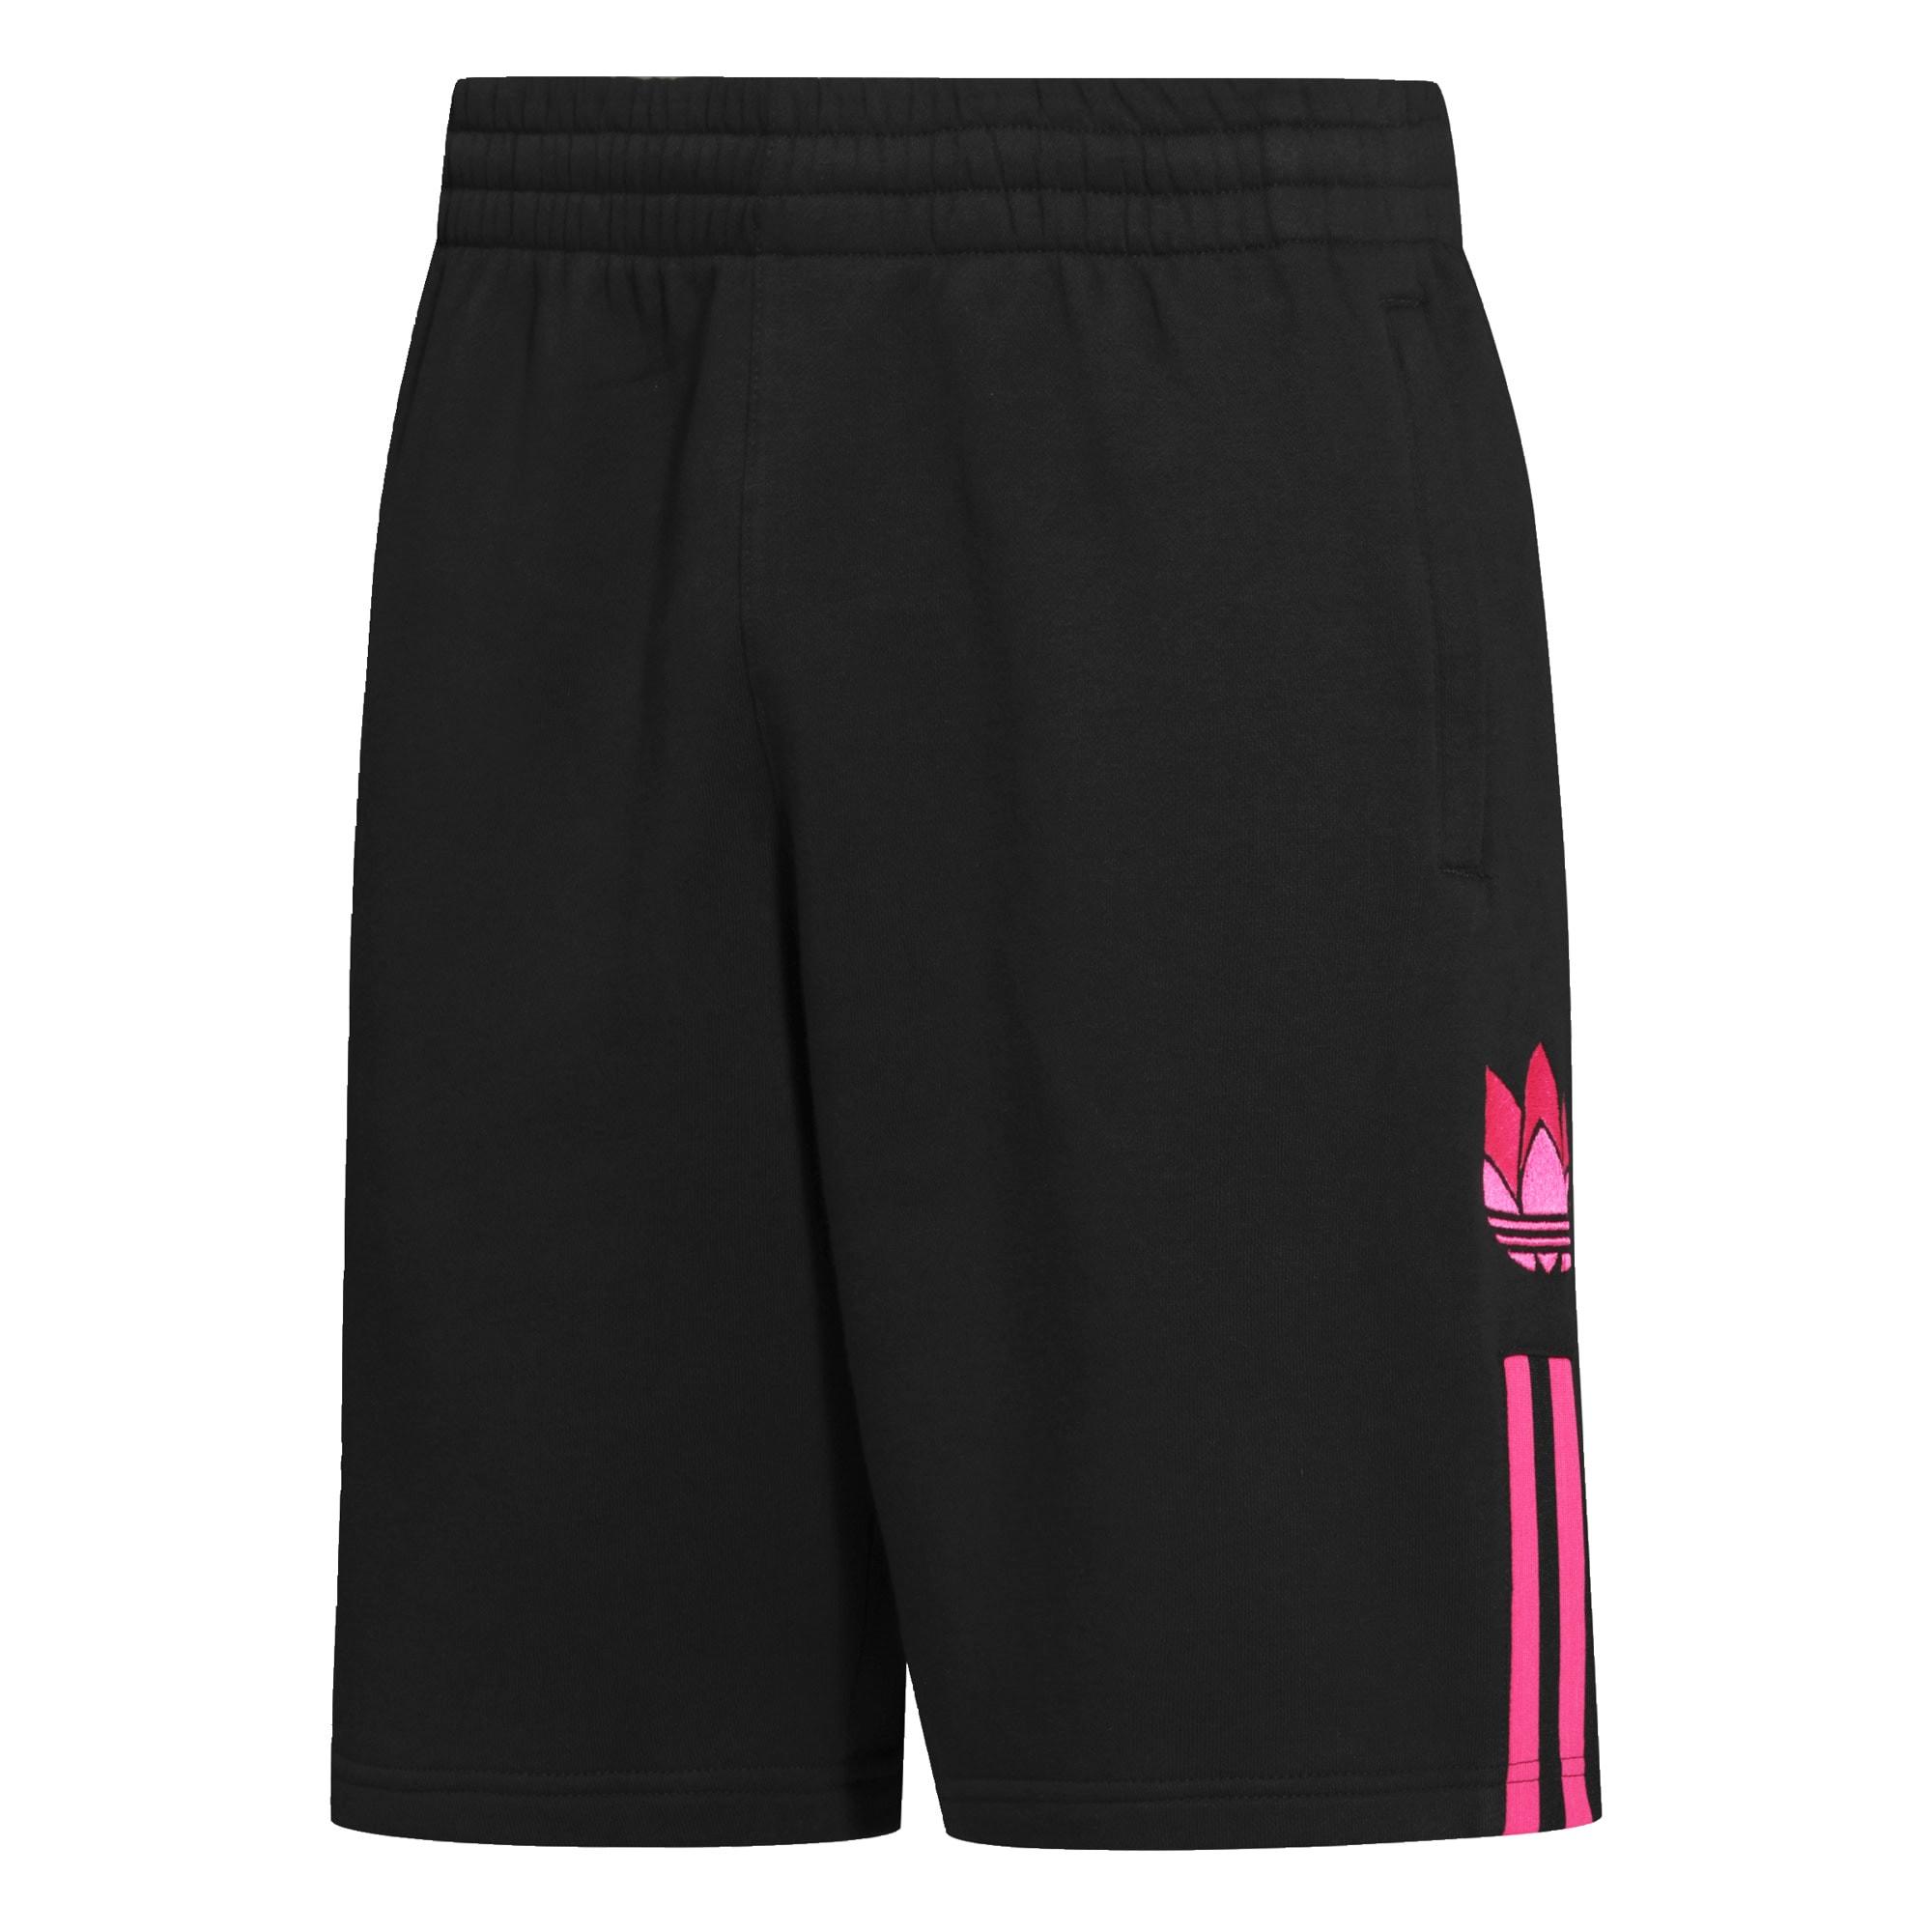 ADIDAS ORIGINALS Kelnės juoda / rožinė